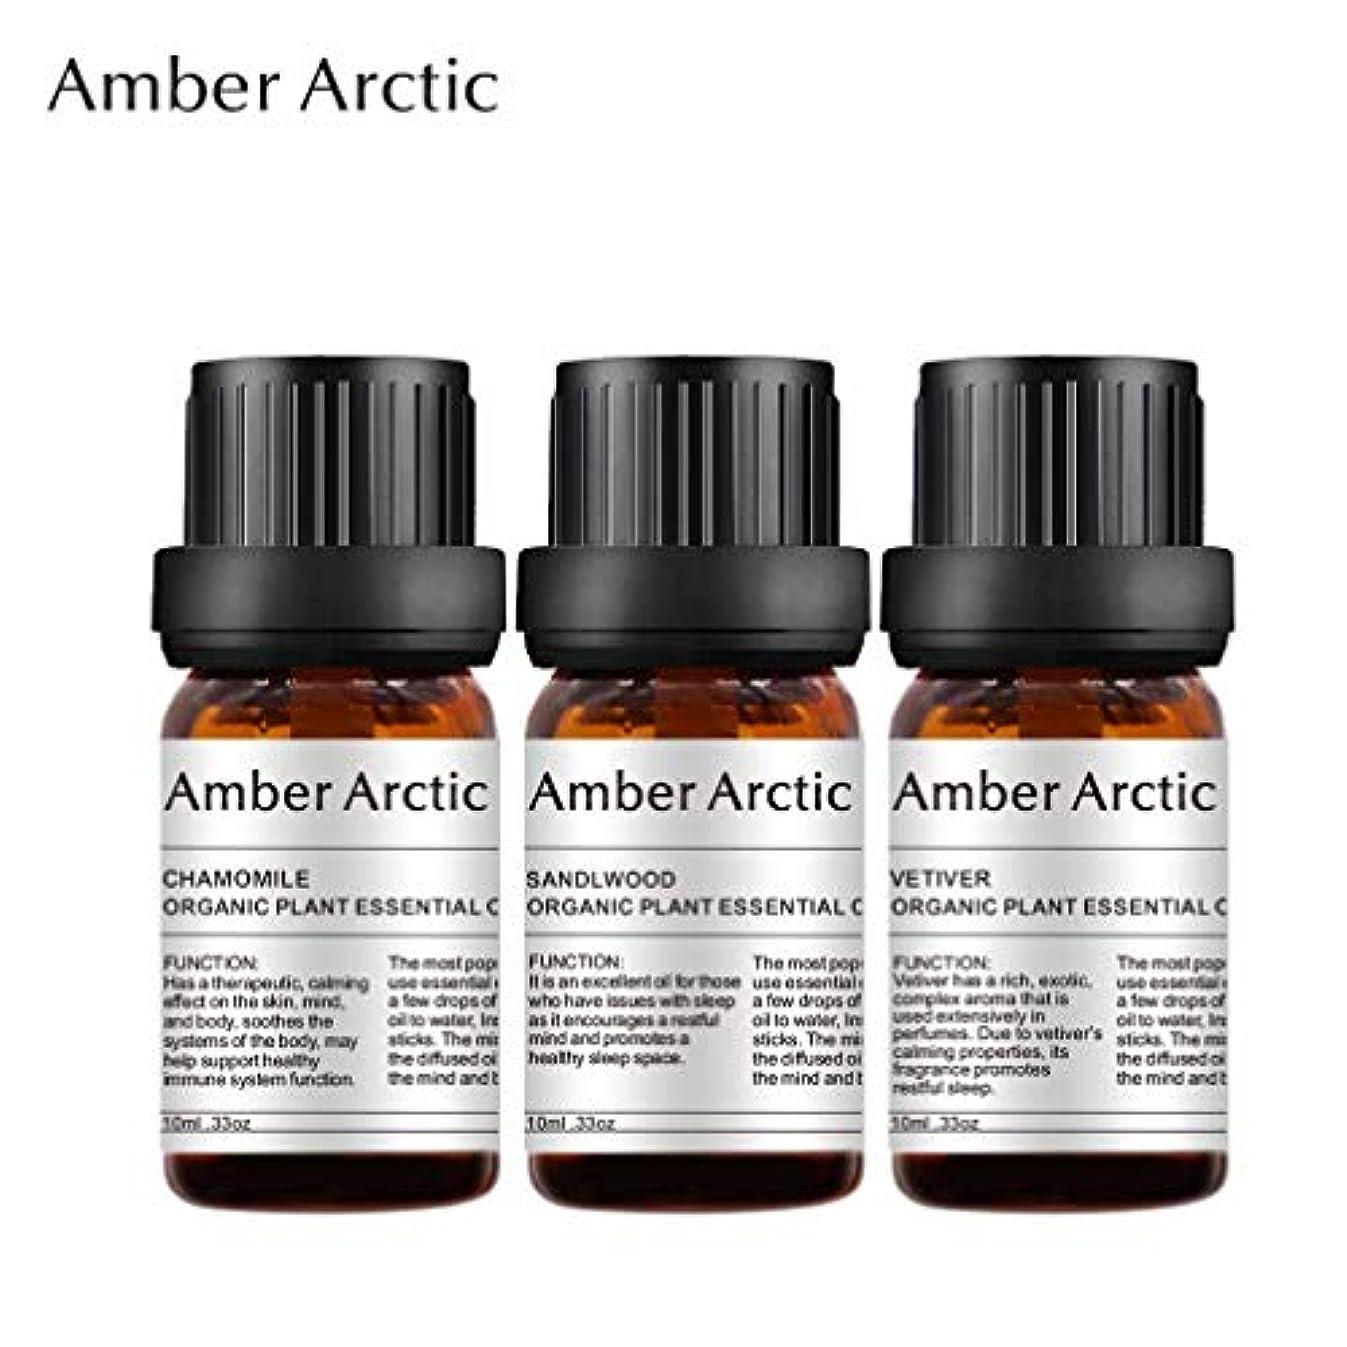 任命するモバイル軽食Amber Arctic ジャスミン サンダル ウッド カモミール 精油 セット、 ディフューザー - 3×10 ミリリットル 用 100% 純粋 天然 アロマ エッセンシャル オイル